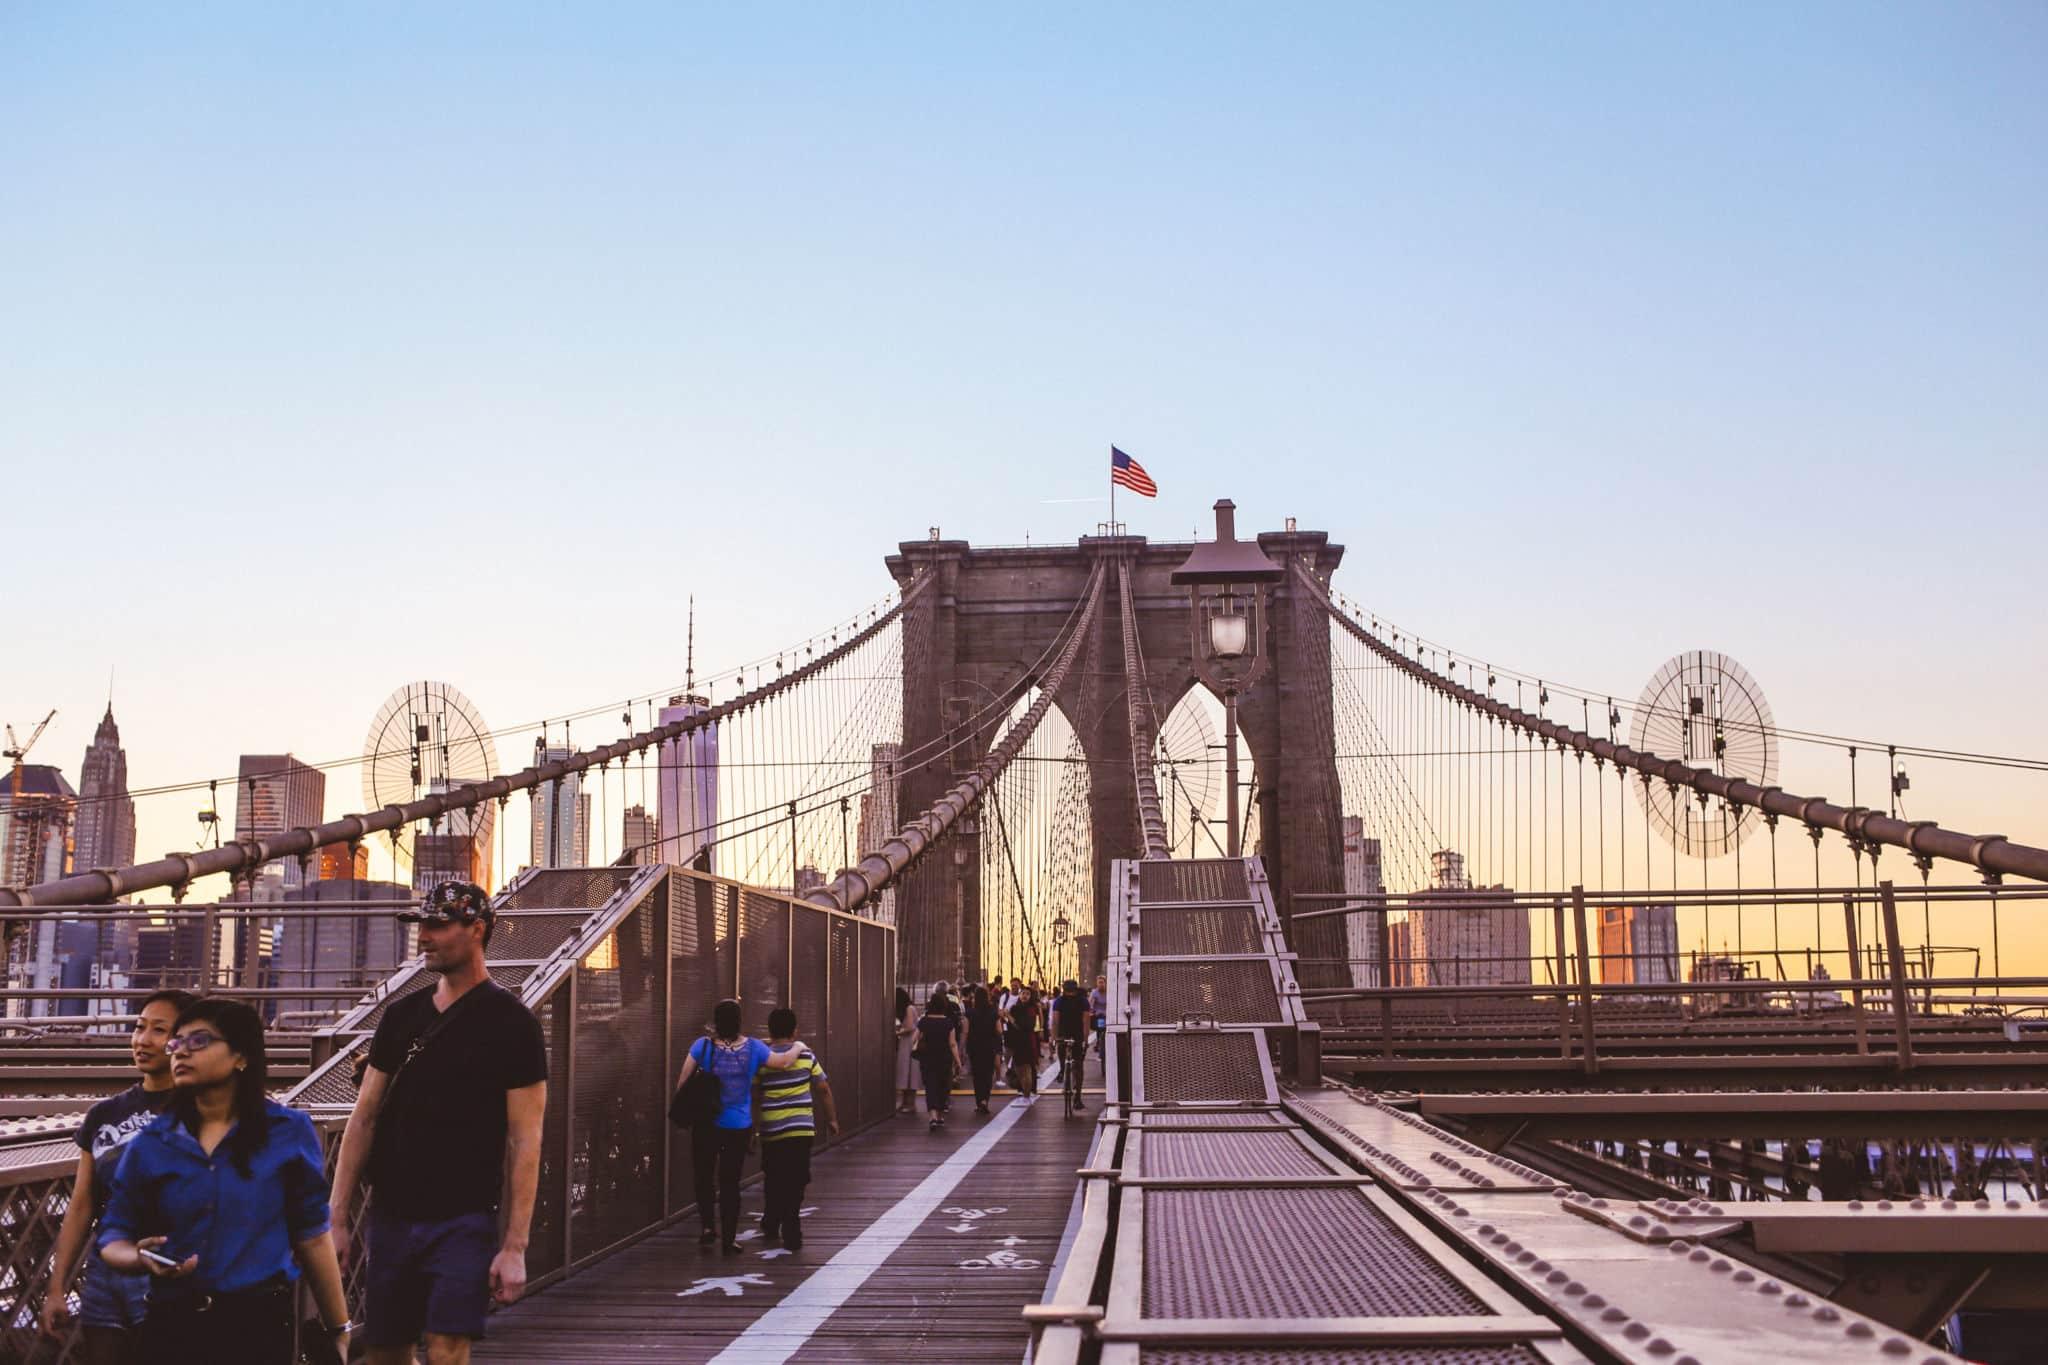 People on the Brooklyn Bridge at dusk